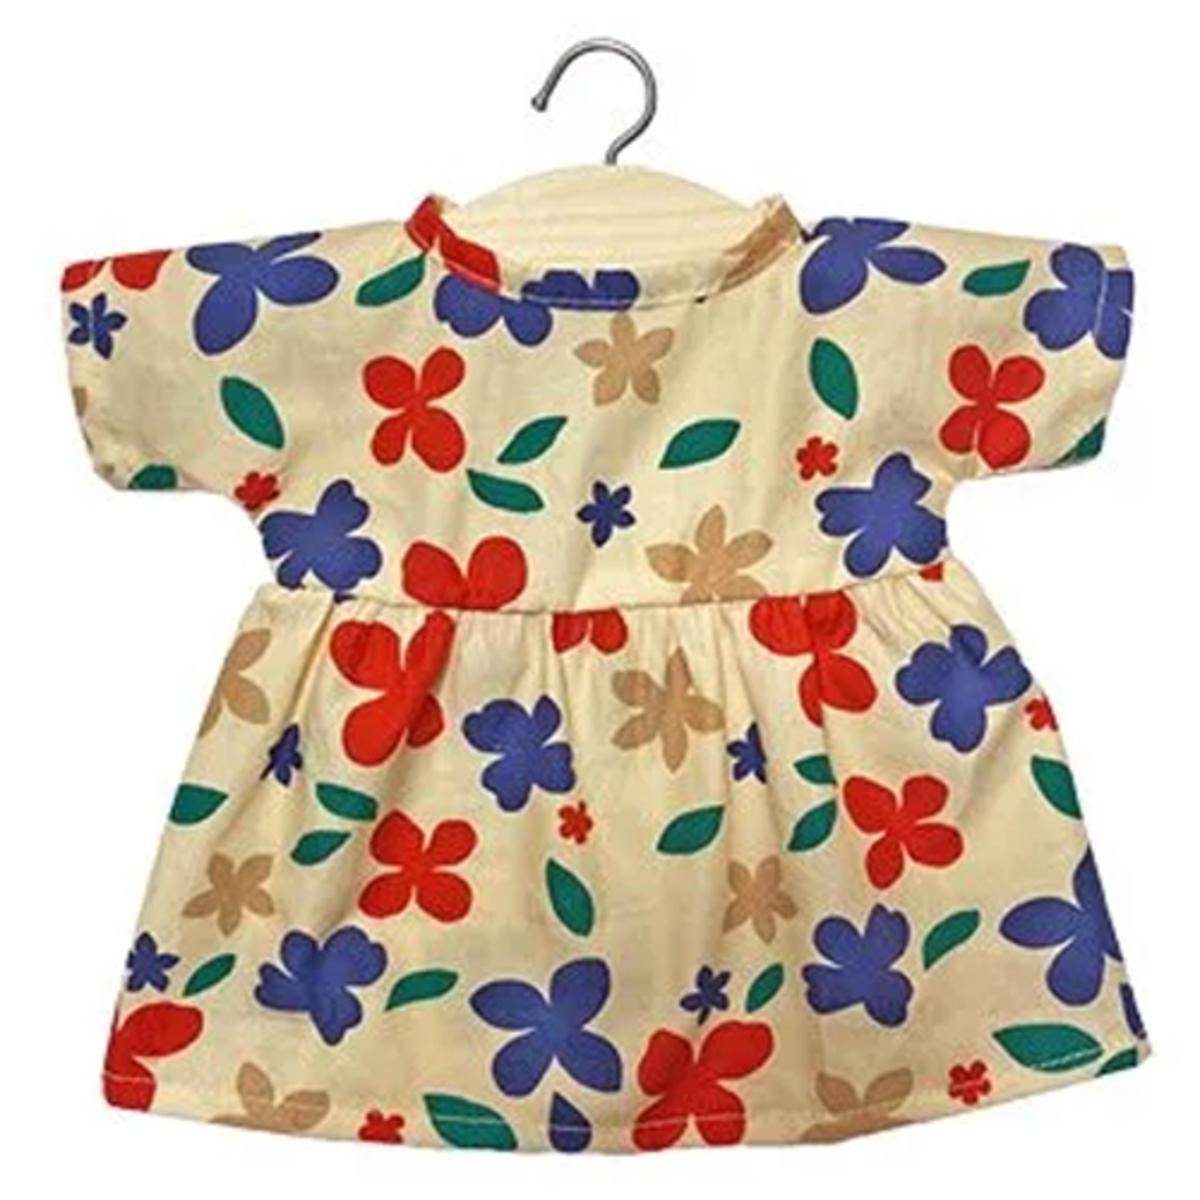 Mes premiers jouets Robe Faustine pour Poupée en Coton Mona Robe Faustine pour Poupée en Coton Mona